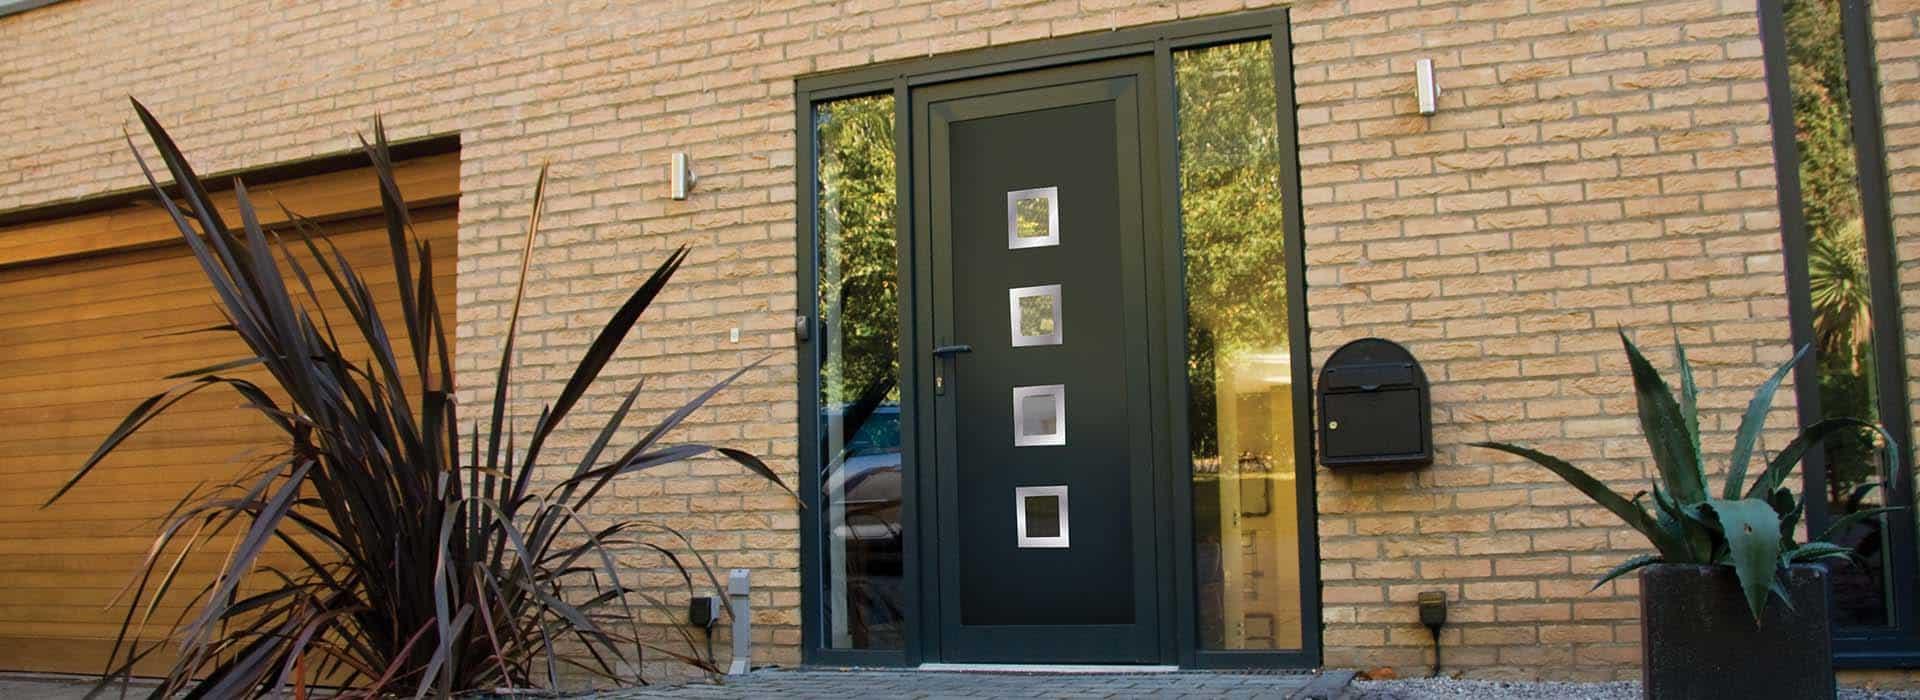 modern-upvc-front-door-in-black-with-side-window-panels